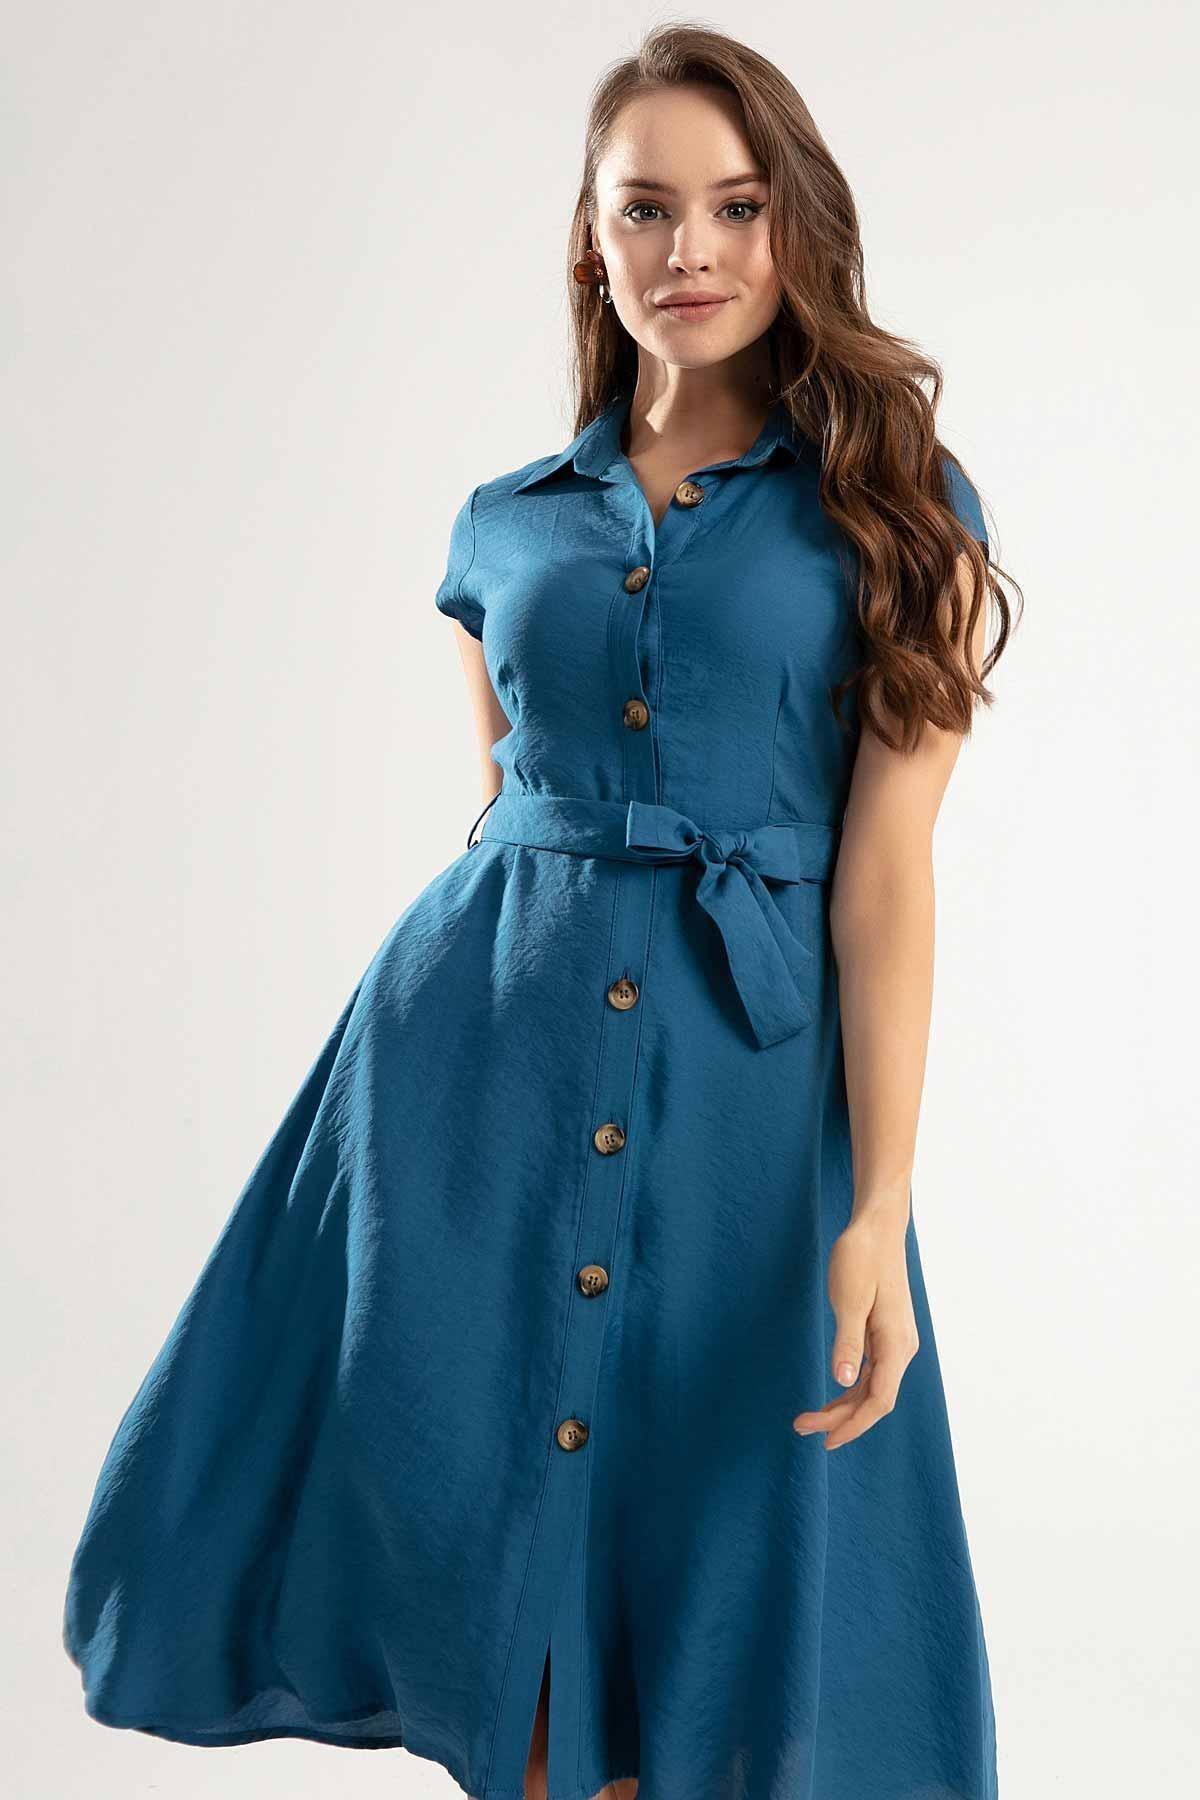 Y-London Kadın Kuşaklı Kısa Kollu Kloş Gömlek Elbise Y20s110-1677 1